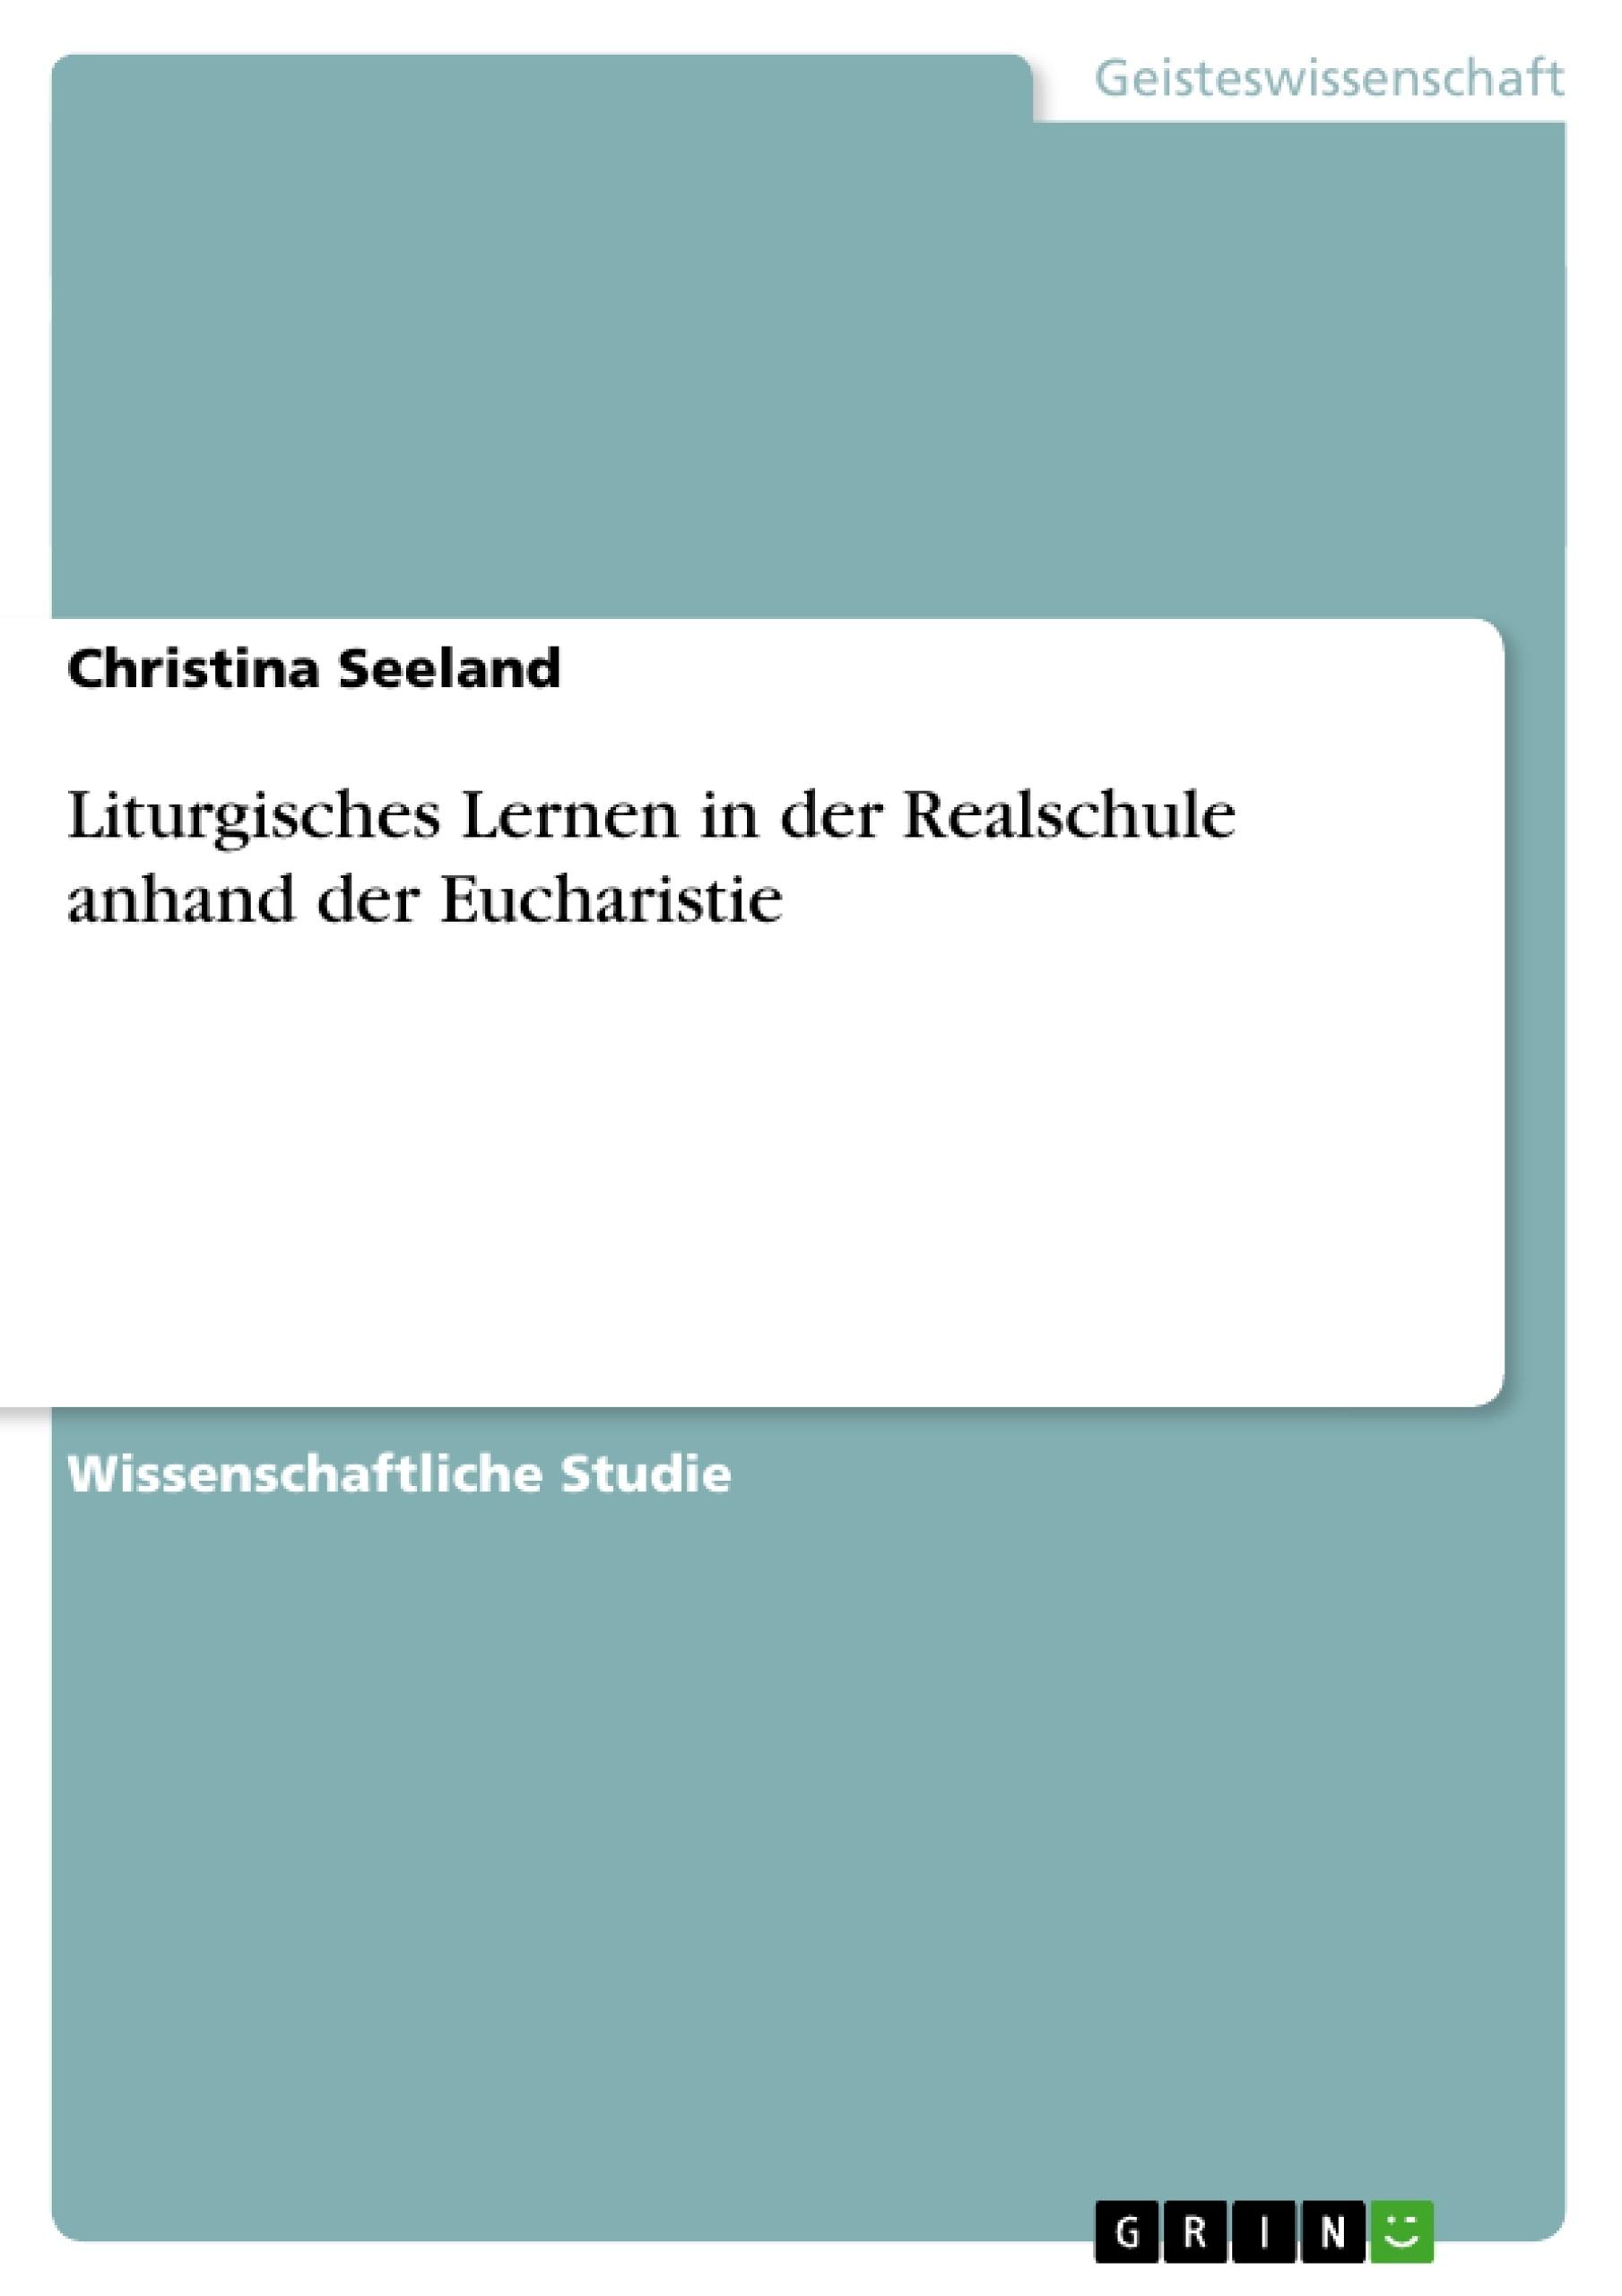 Titel: Liturgisches Lernen in der Realschule anhand der Eucharistie